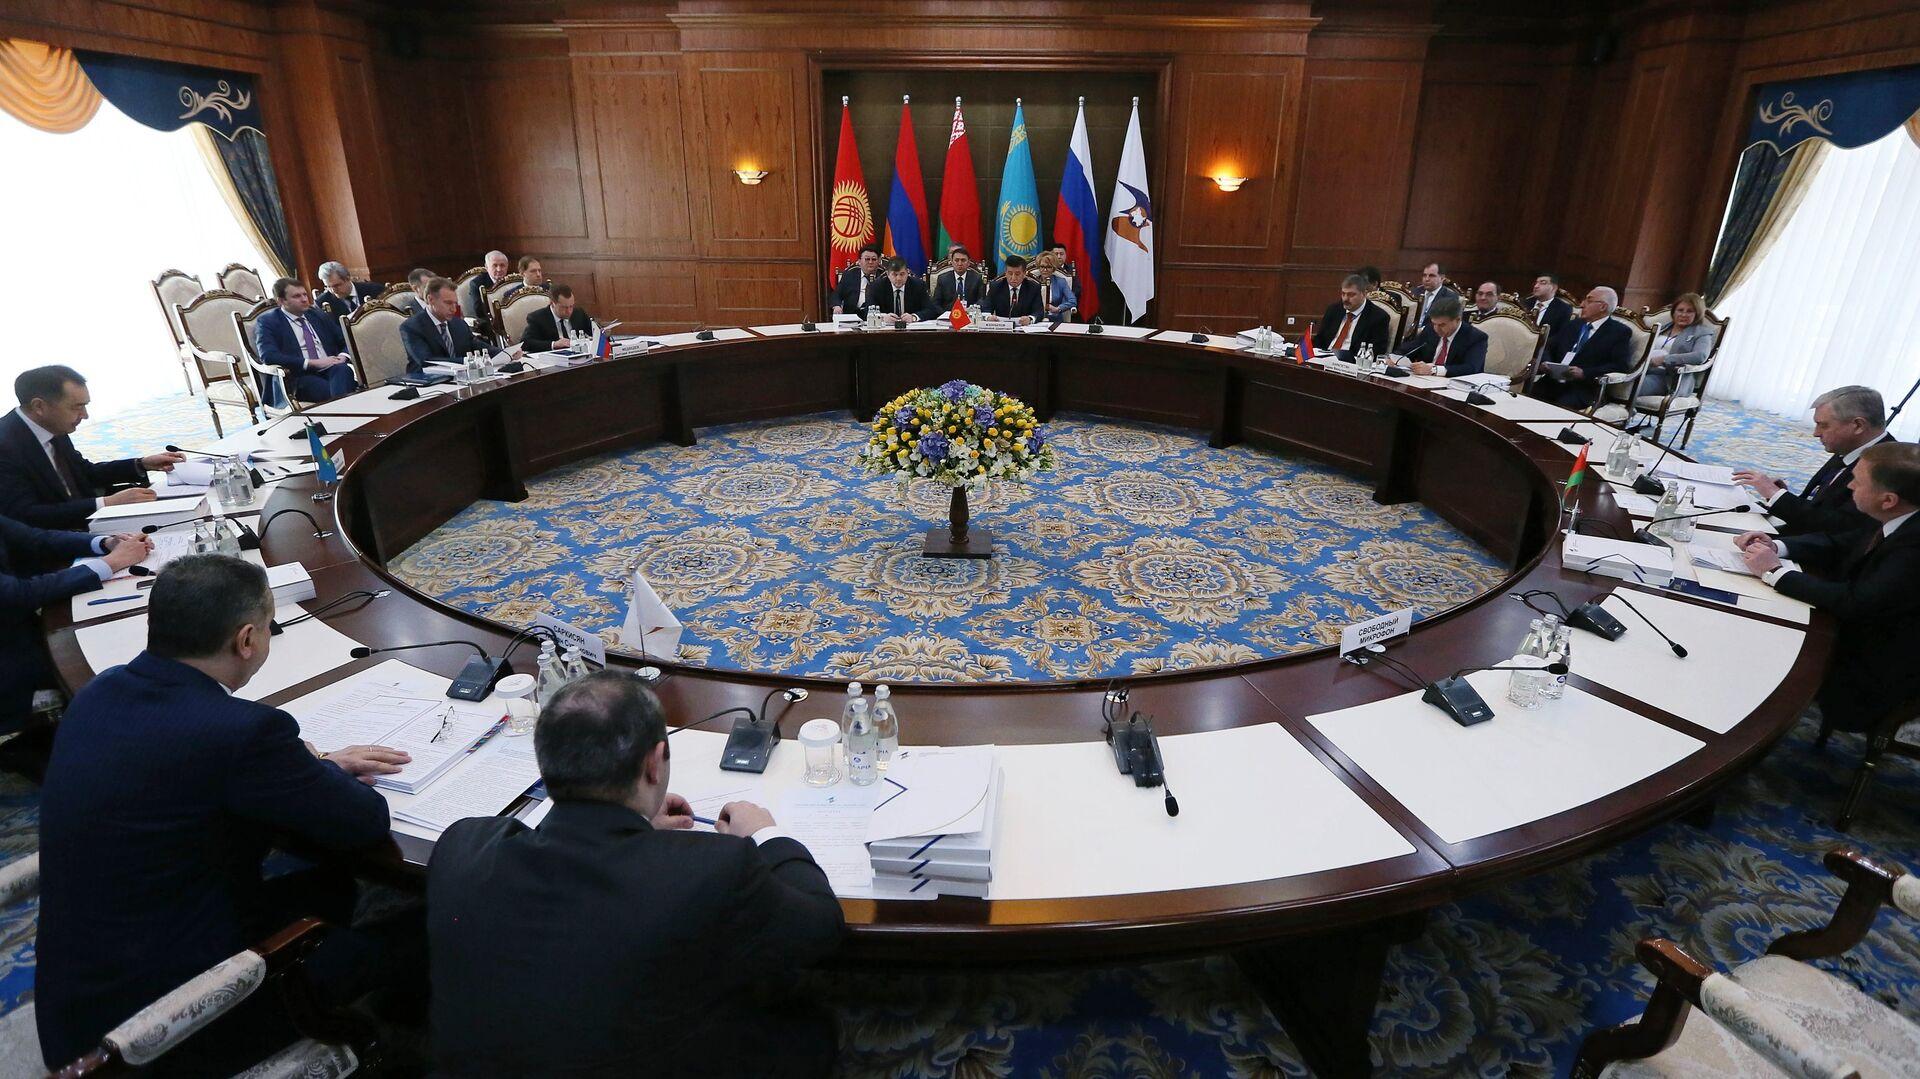 Una reunión de la Unión Económica Euroasiática (archivo) - Sputnik Mundo, 1920, 21.05.2021